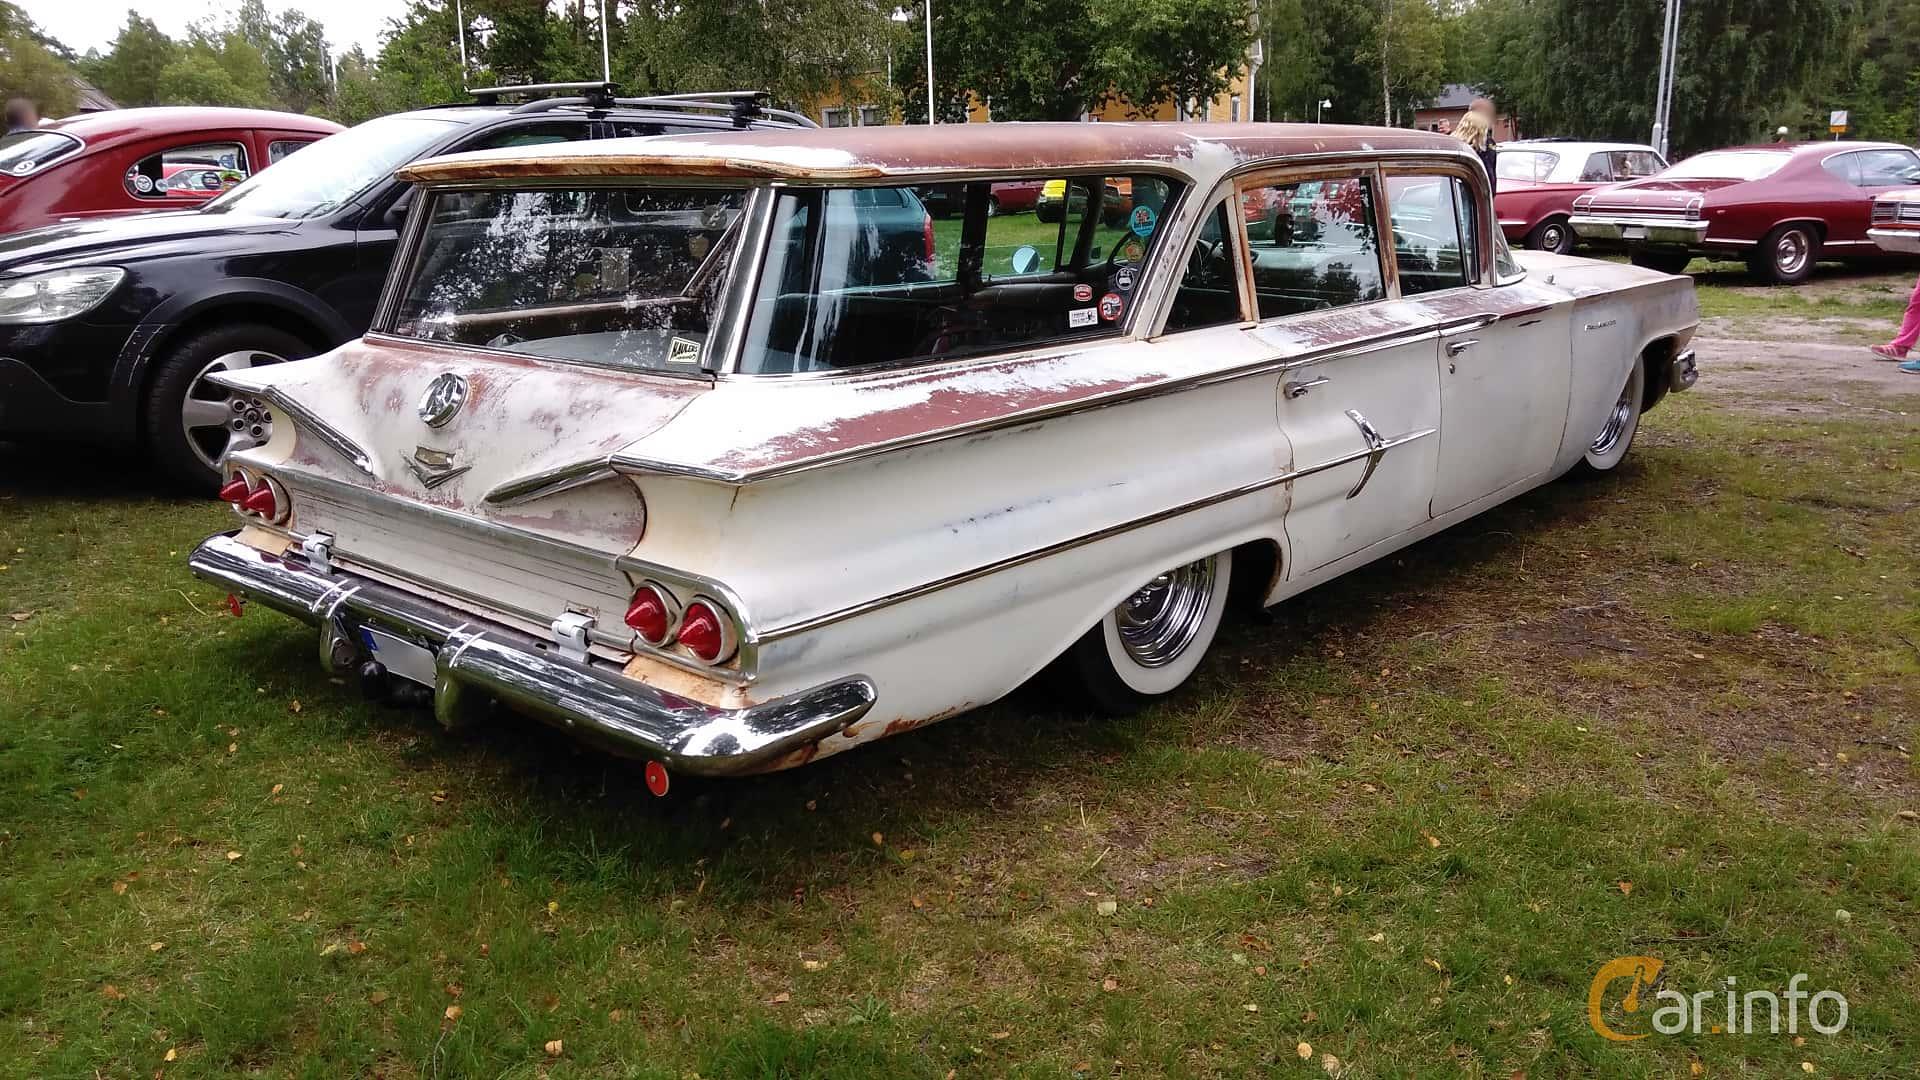 Chevrolet Parkwood 4.6 V8 Powerglide, 233hp, 1960 at Onsdagsträffar på Gammlia Umeå v.32 / 2017